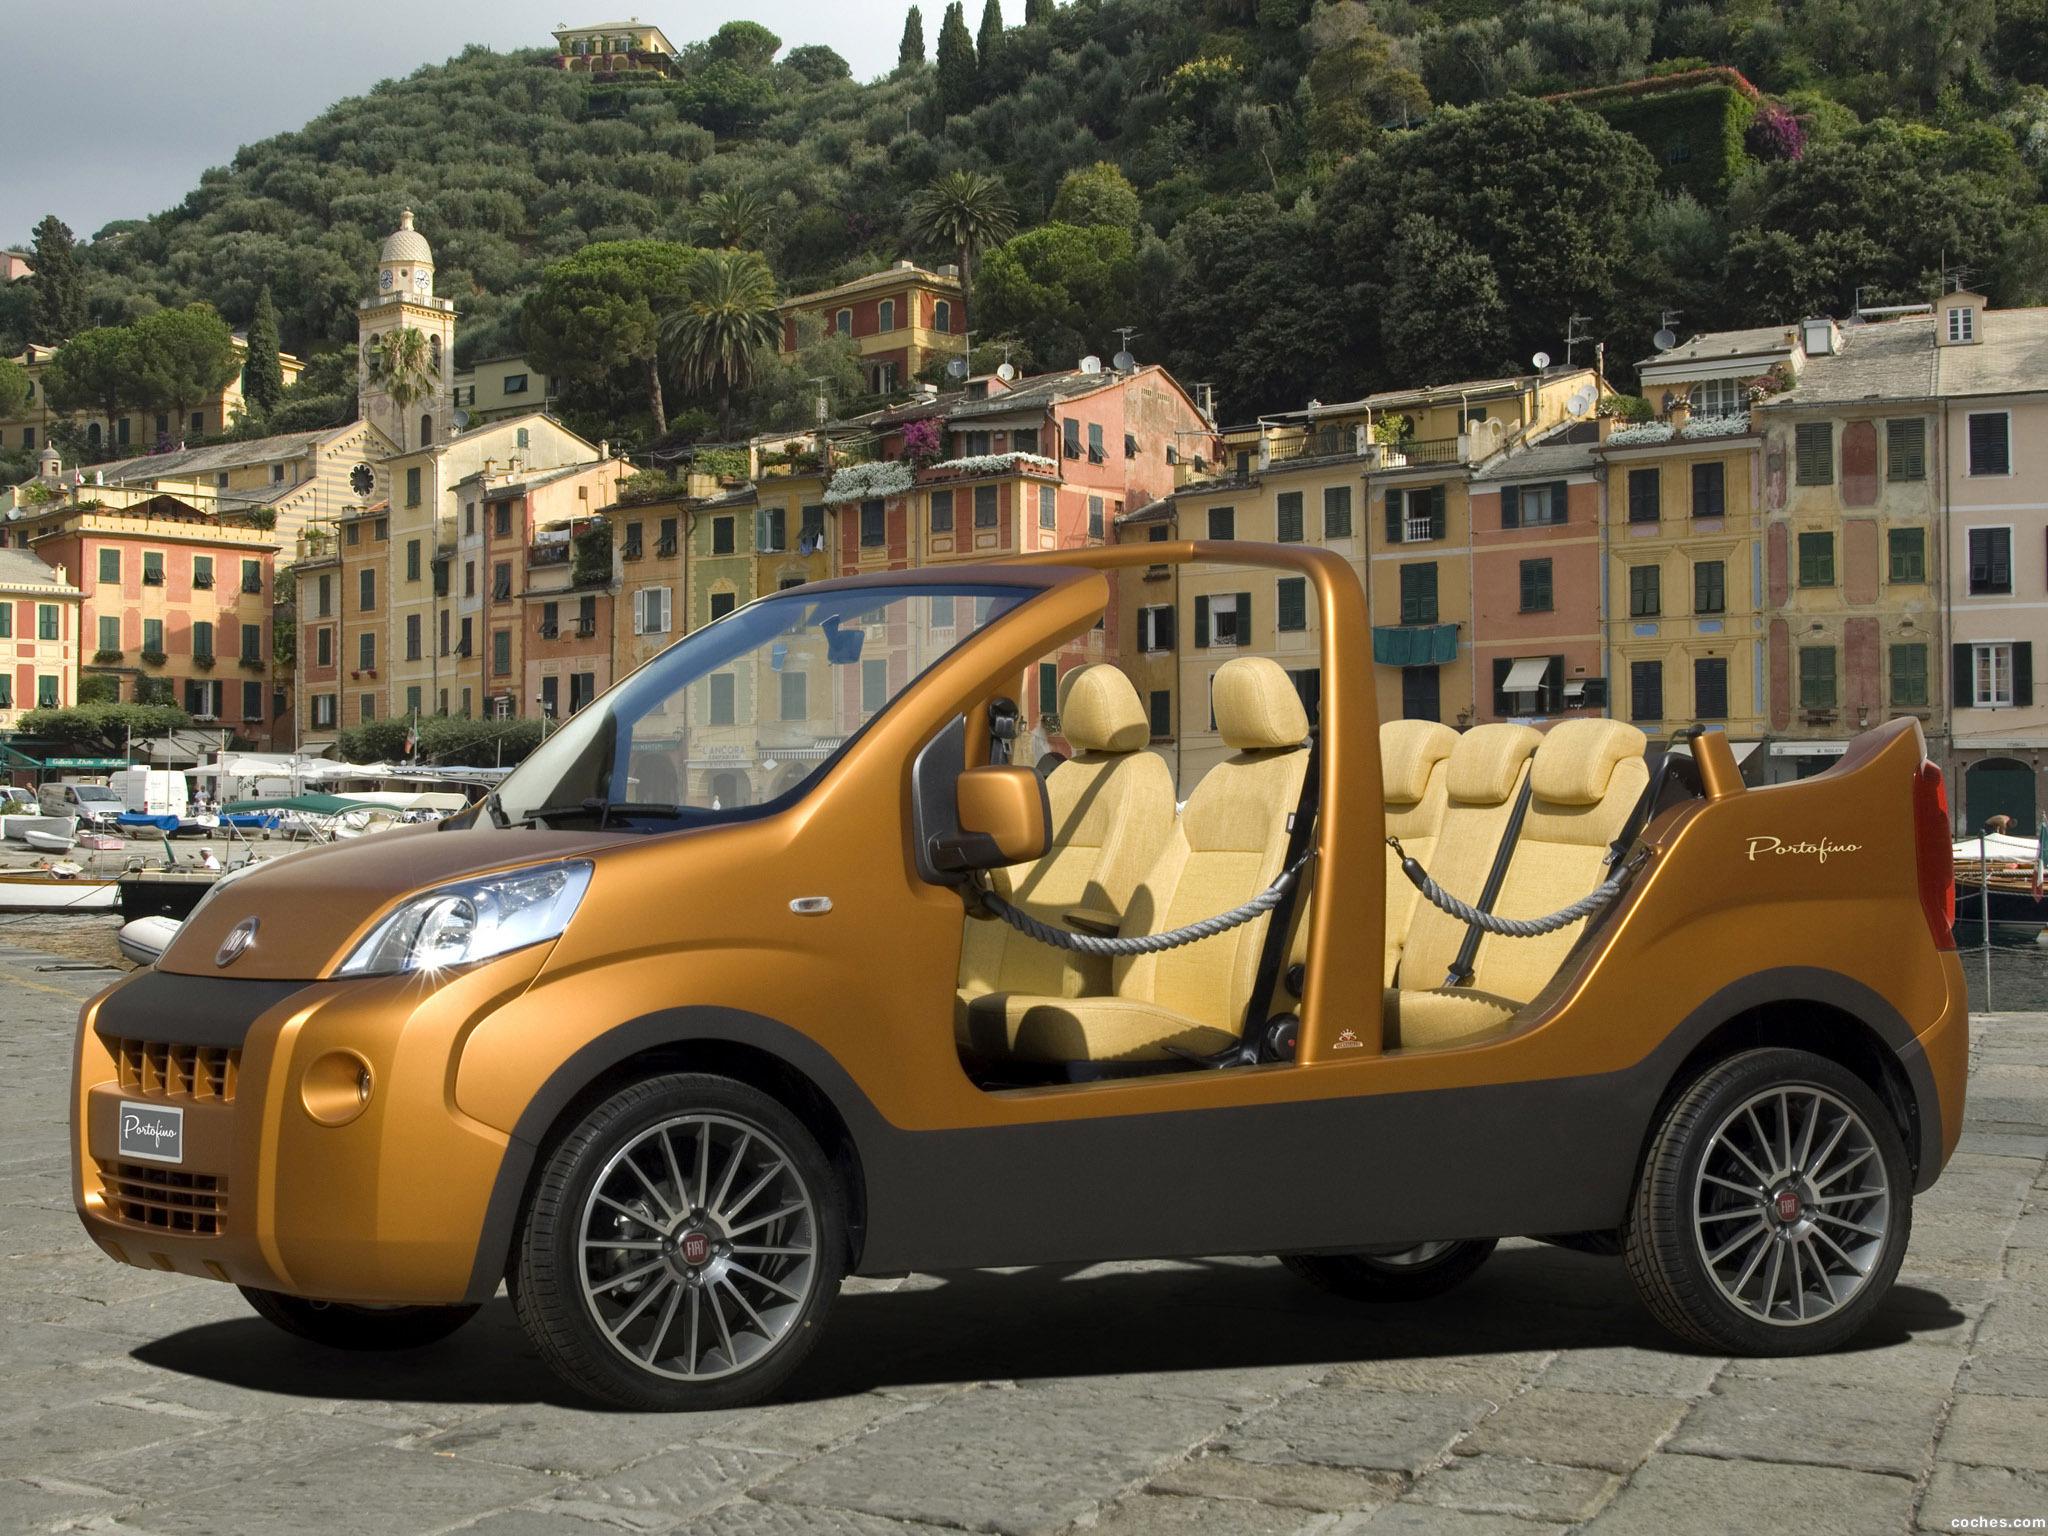 fiat_fiorino-portofino-concept-2008_r2